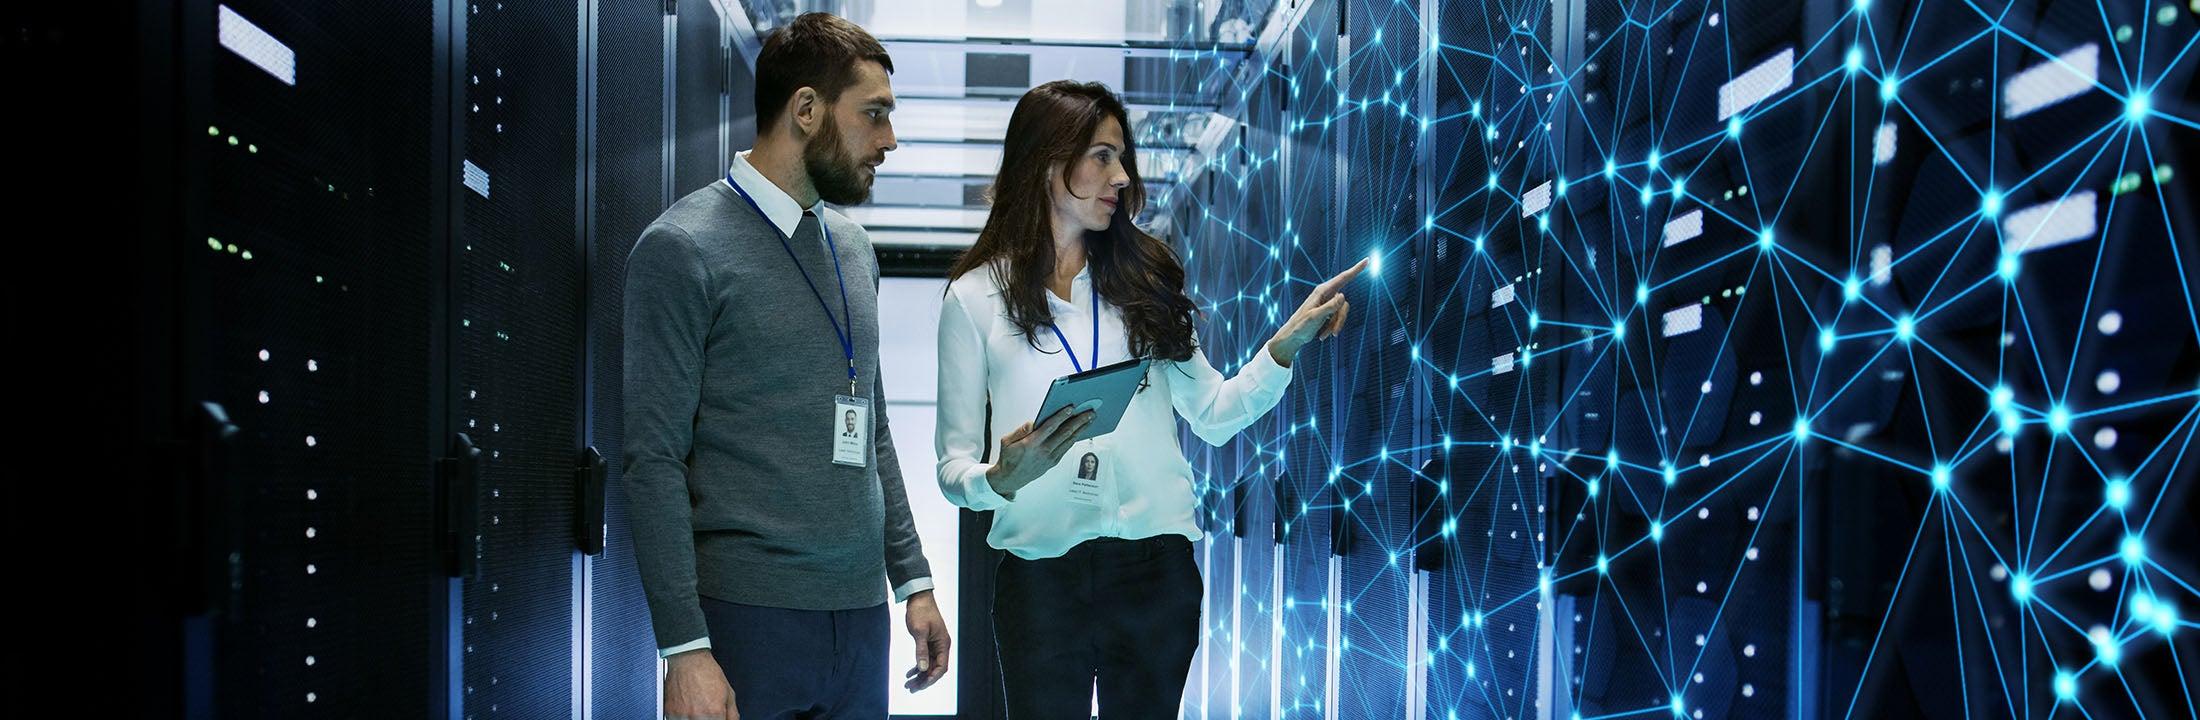 collega's die via technologie datapunten bekijken